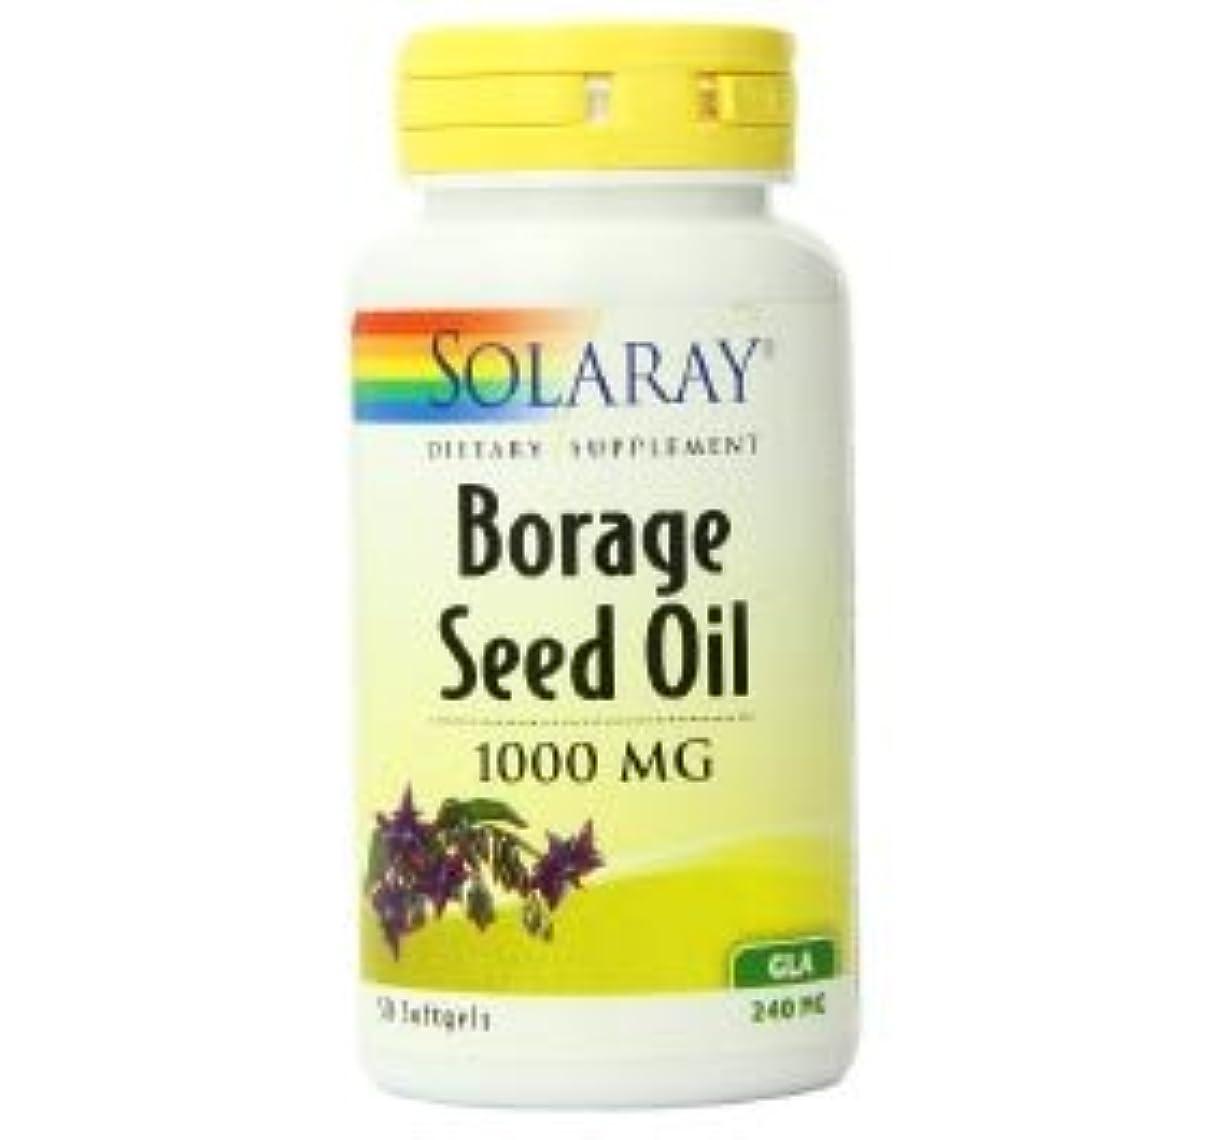 病んでいる弾丸ダイバー【海外直送品】SOLARAY - Borage seed oil - 50softgel ボラージシードオイル